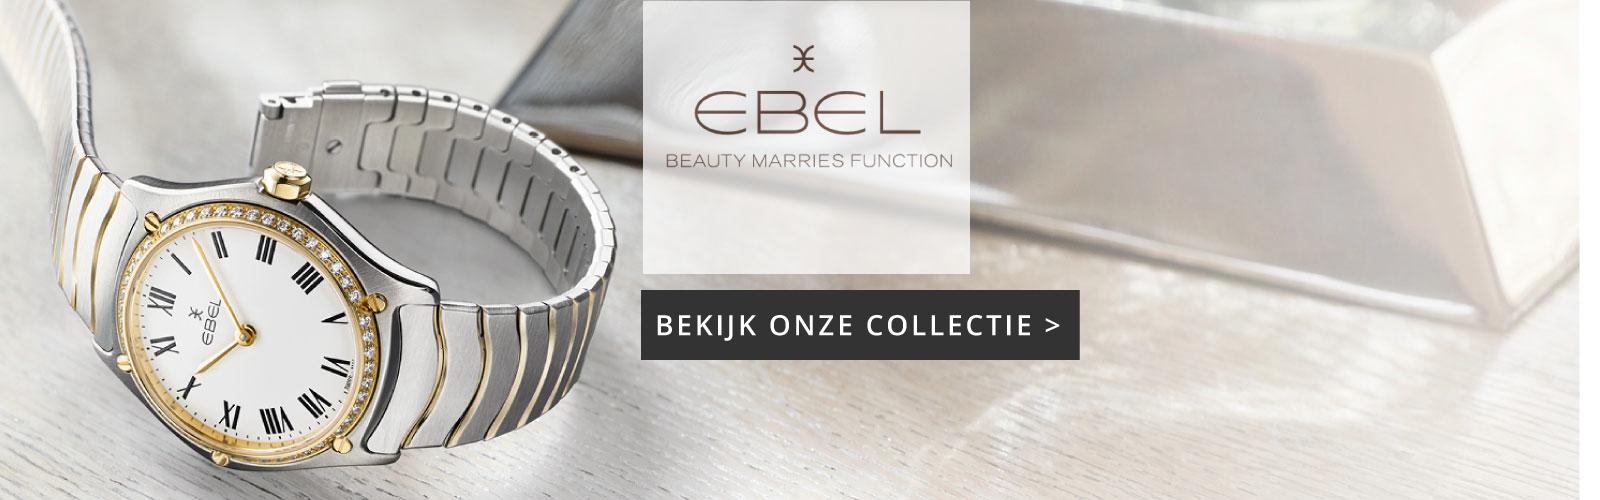 EBEL horloge koop je bij Wolters Juweliers Coevorden-Emmen-Hardenberg-Hoogeveen. De EBEL SPORT CLASSIC is de topper.